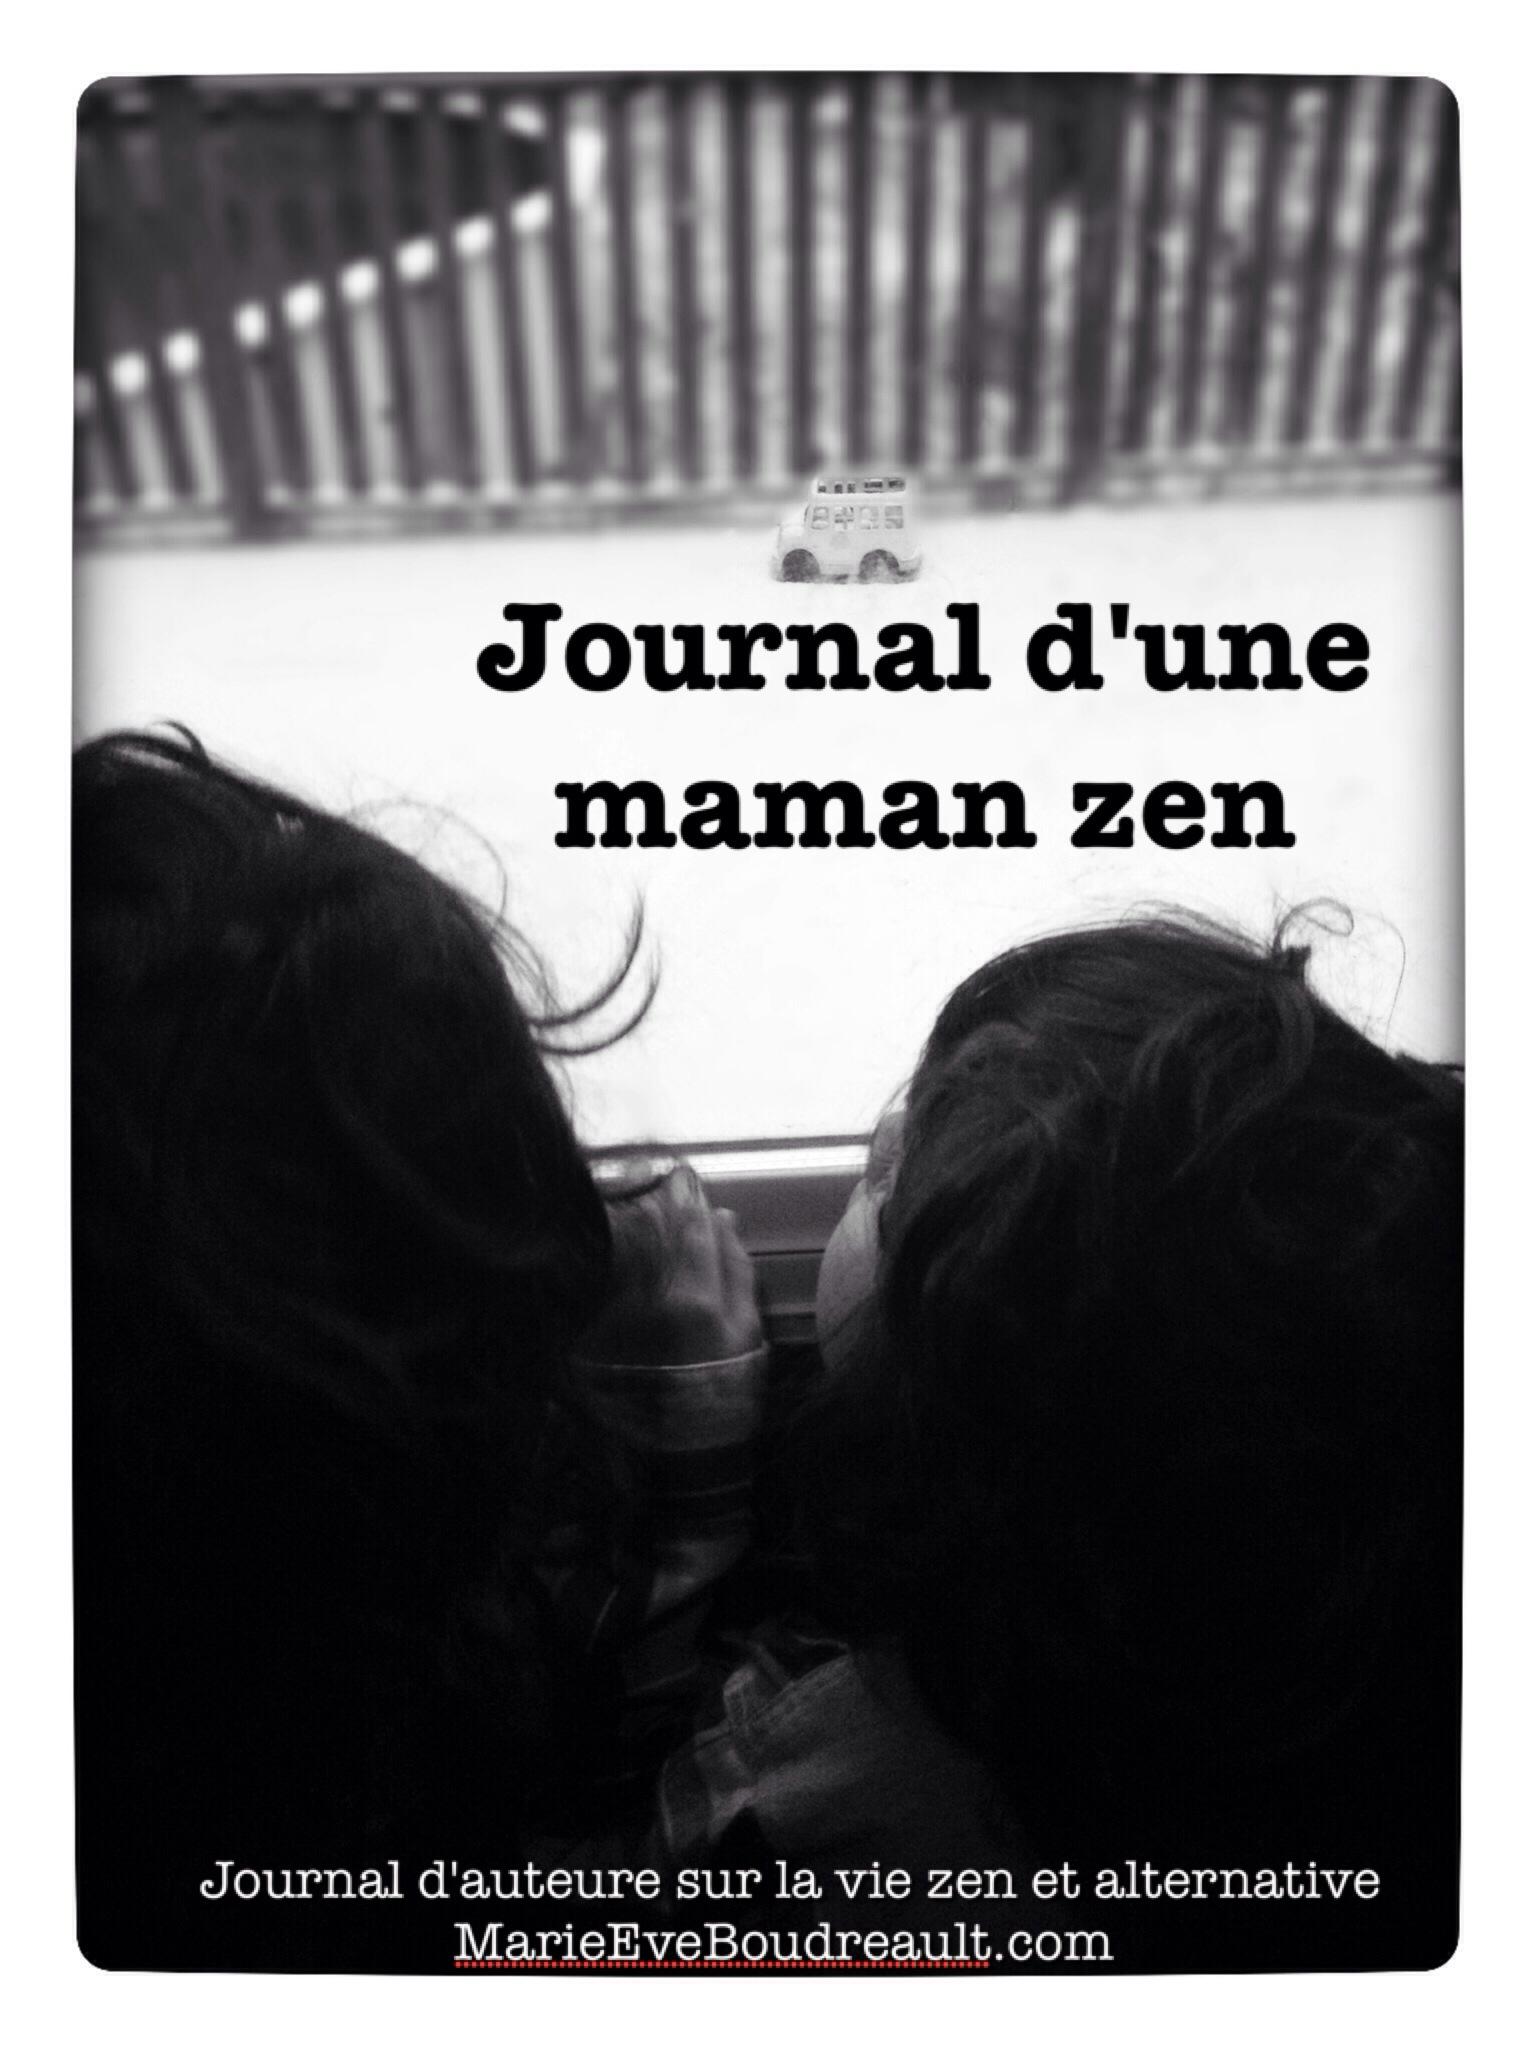 Journal d'une maman zen livre marie-eve Boudreault blog article maman à la maison vie zen et alternative priorités sans stress